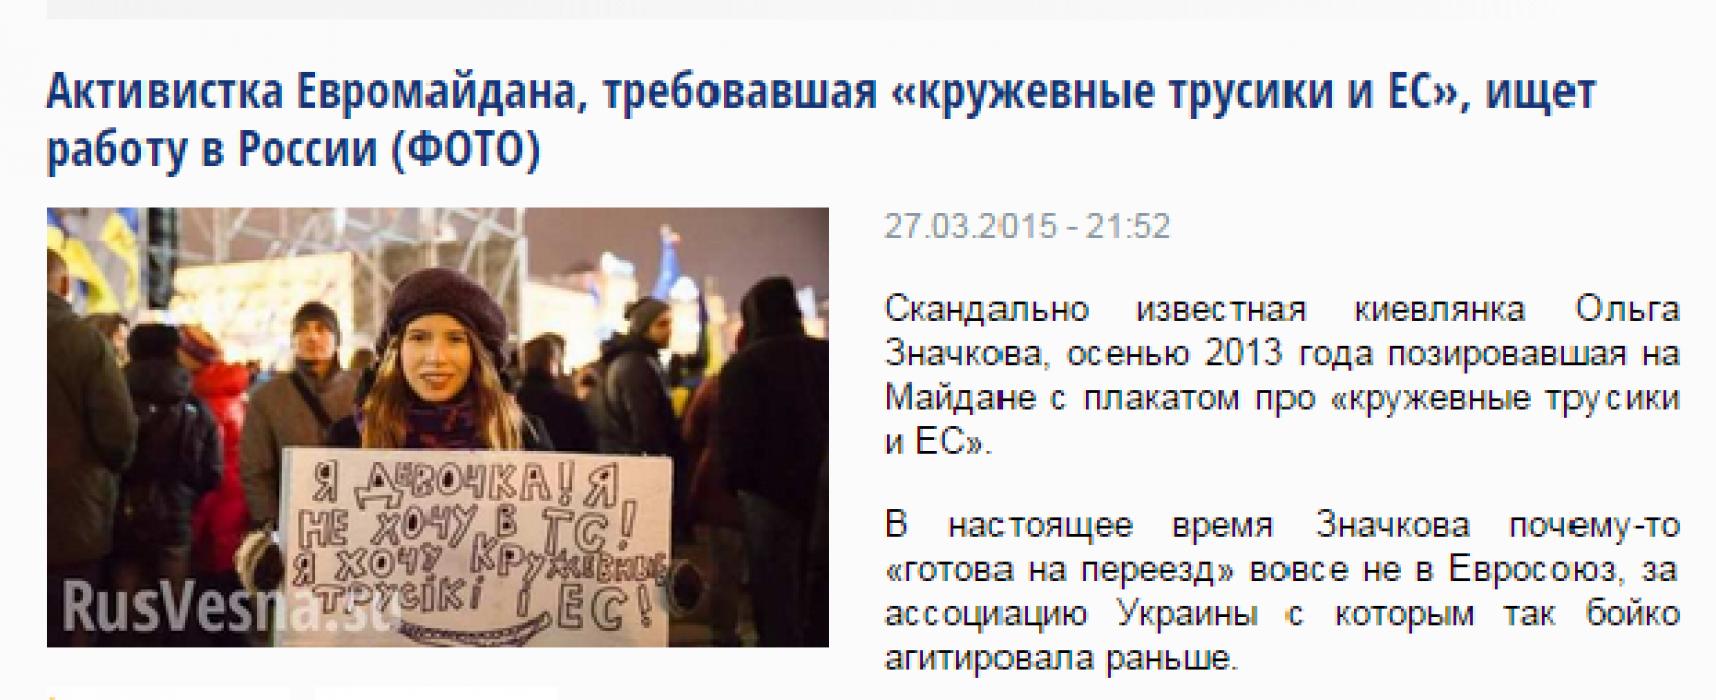 Фейк: Активистка Майдана ищет работу в России